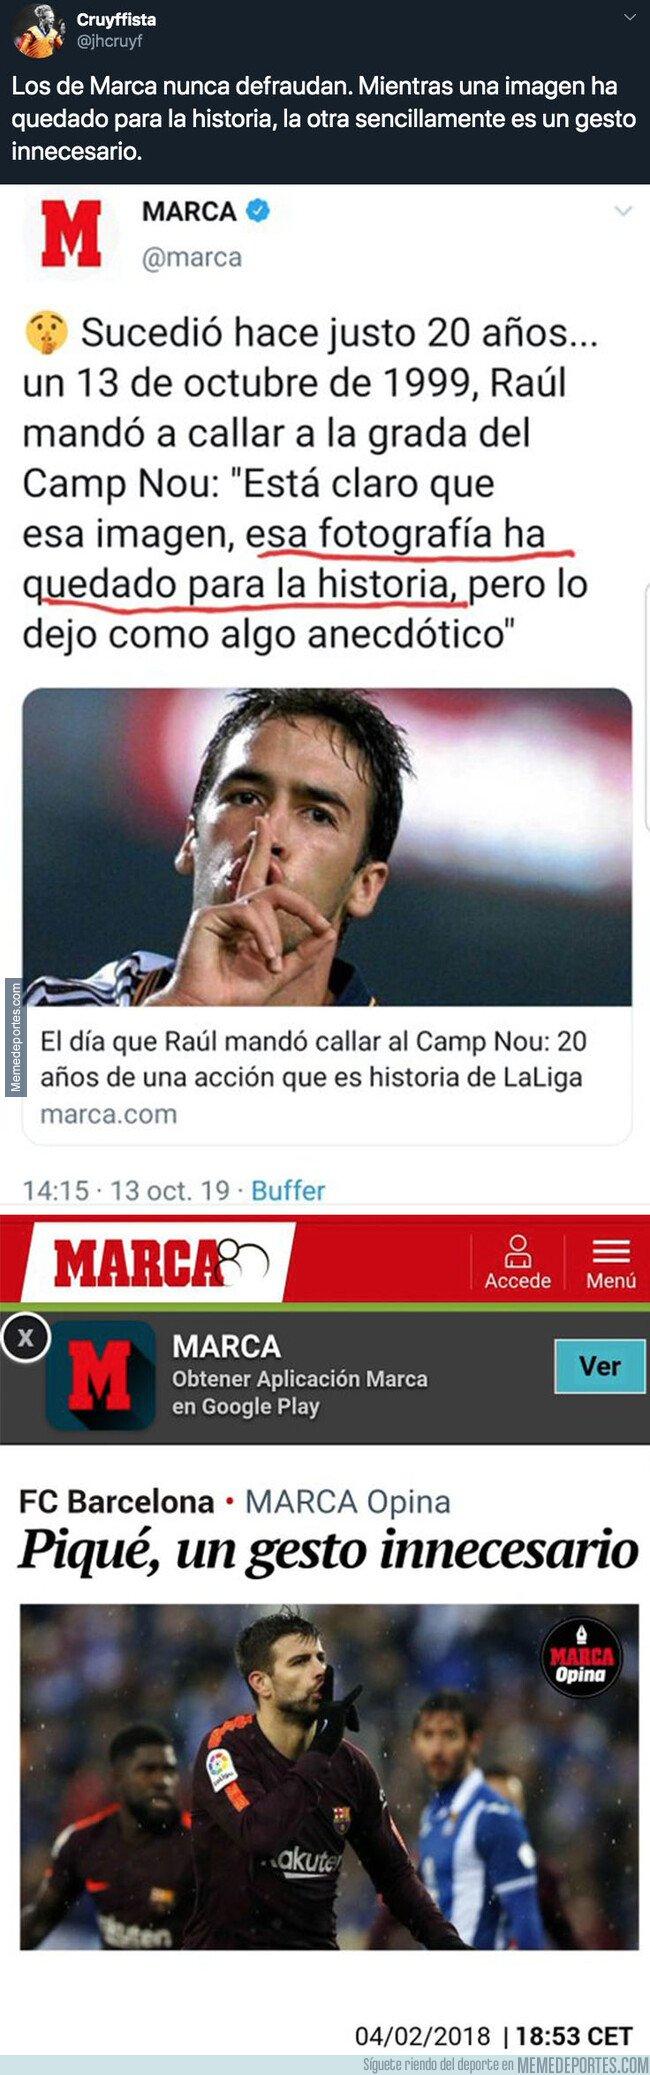 1088420 - El diario MARCA queda retratado por completo con estas dos noticias de Raúl y Piqué varios años después